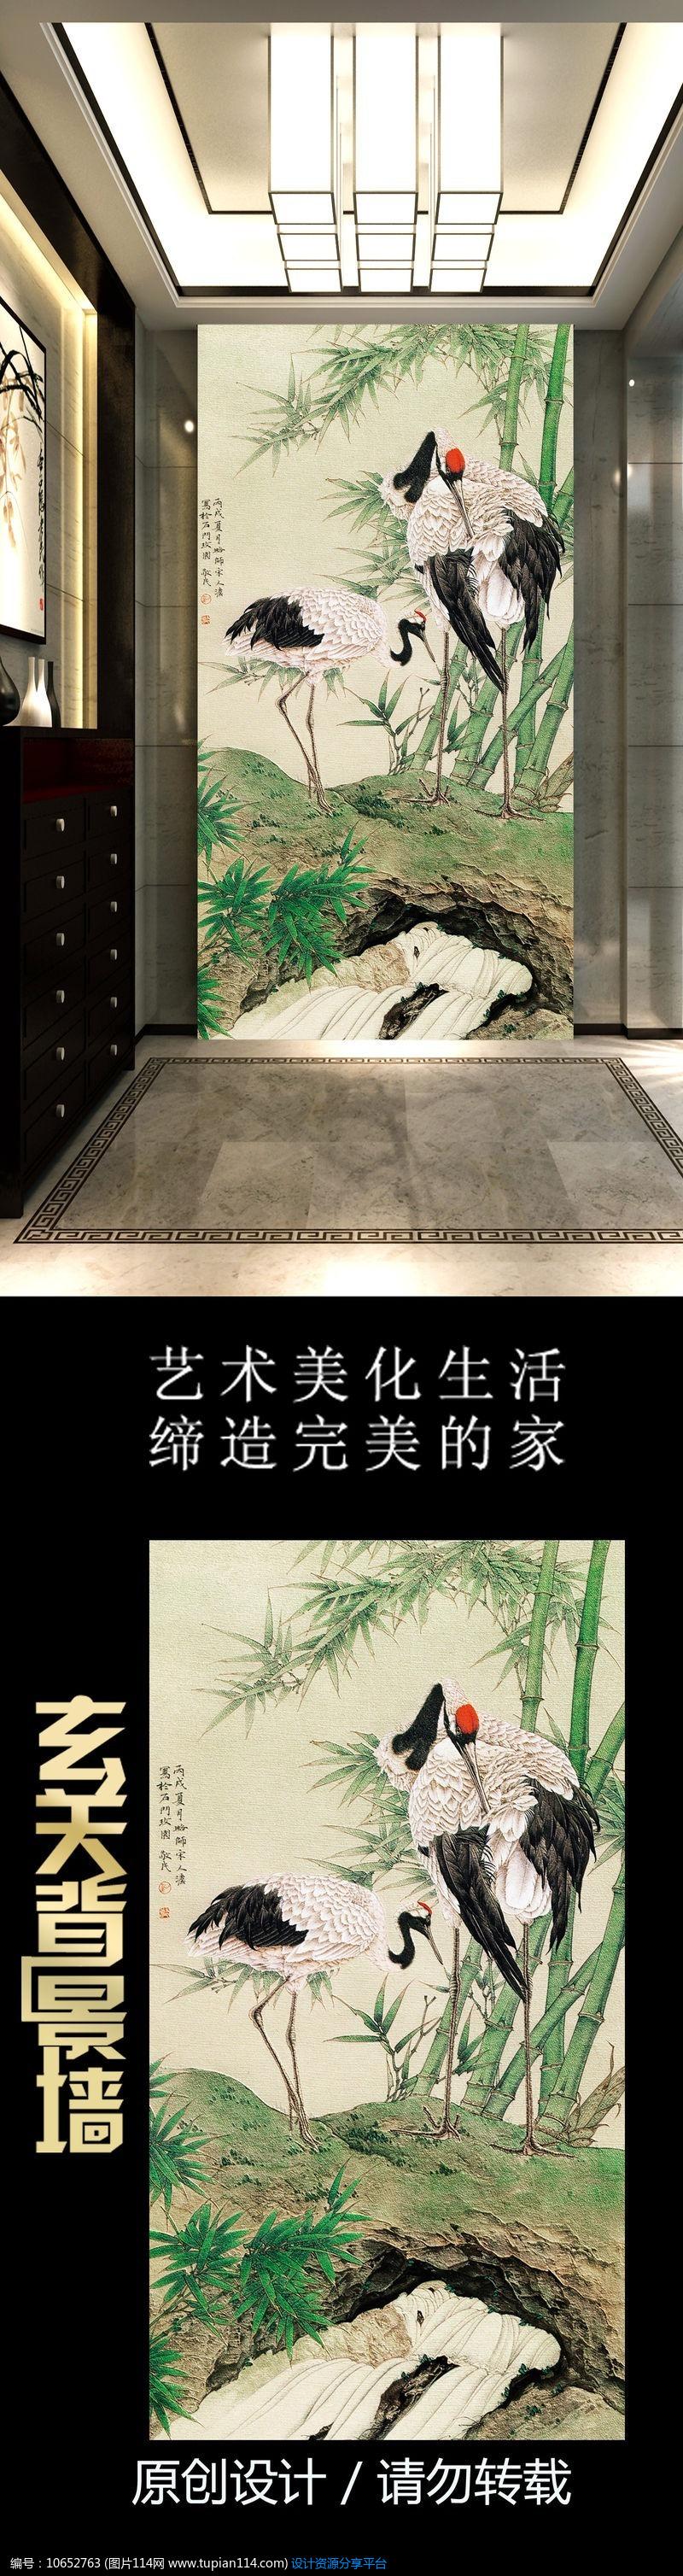 [原创] 中式翠竹仙鹤壁画玄关背景墙